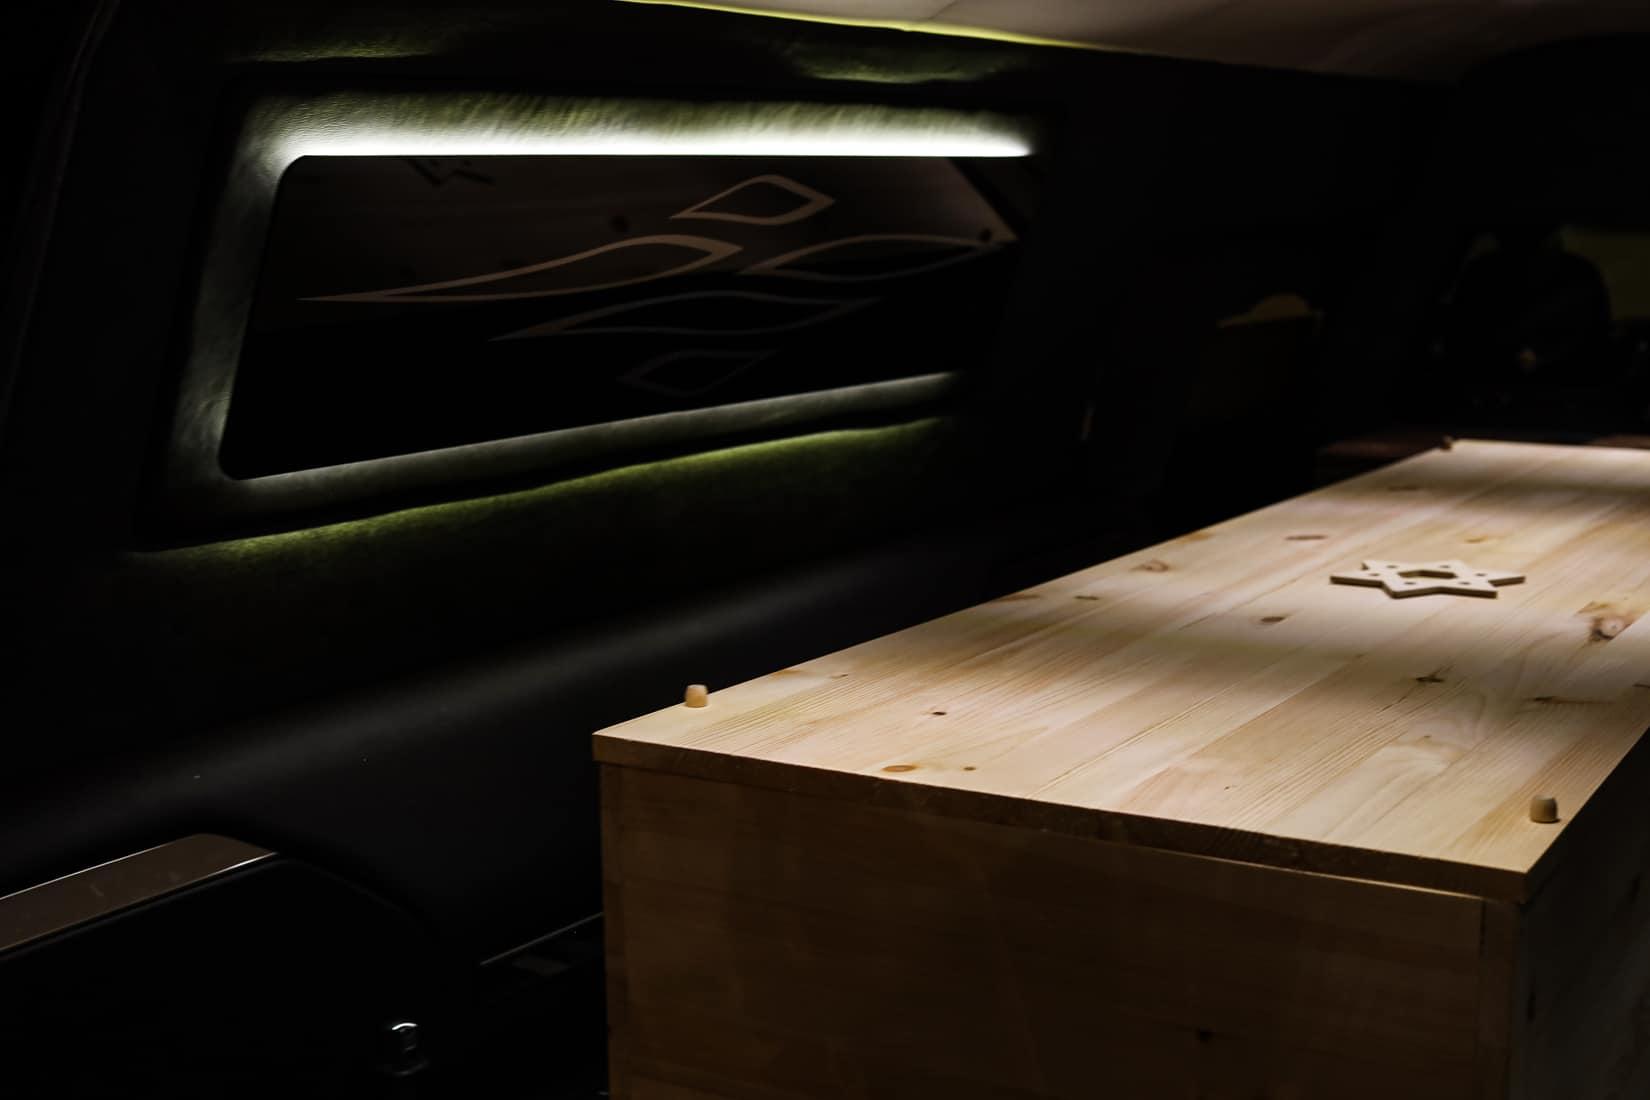 ארון קבורה מוכנס לרכב הקבורה בבית הלוויות גוטרמן. וודברי, ניו יורק. מאי, 2020 (צילום: Jonathan Alpeyrie/Polaris Images)